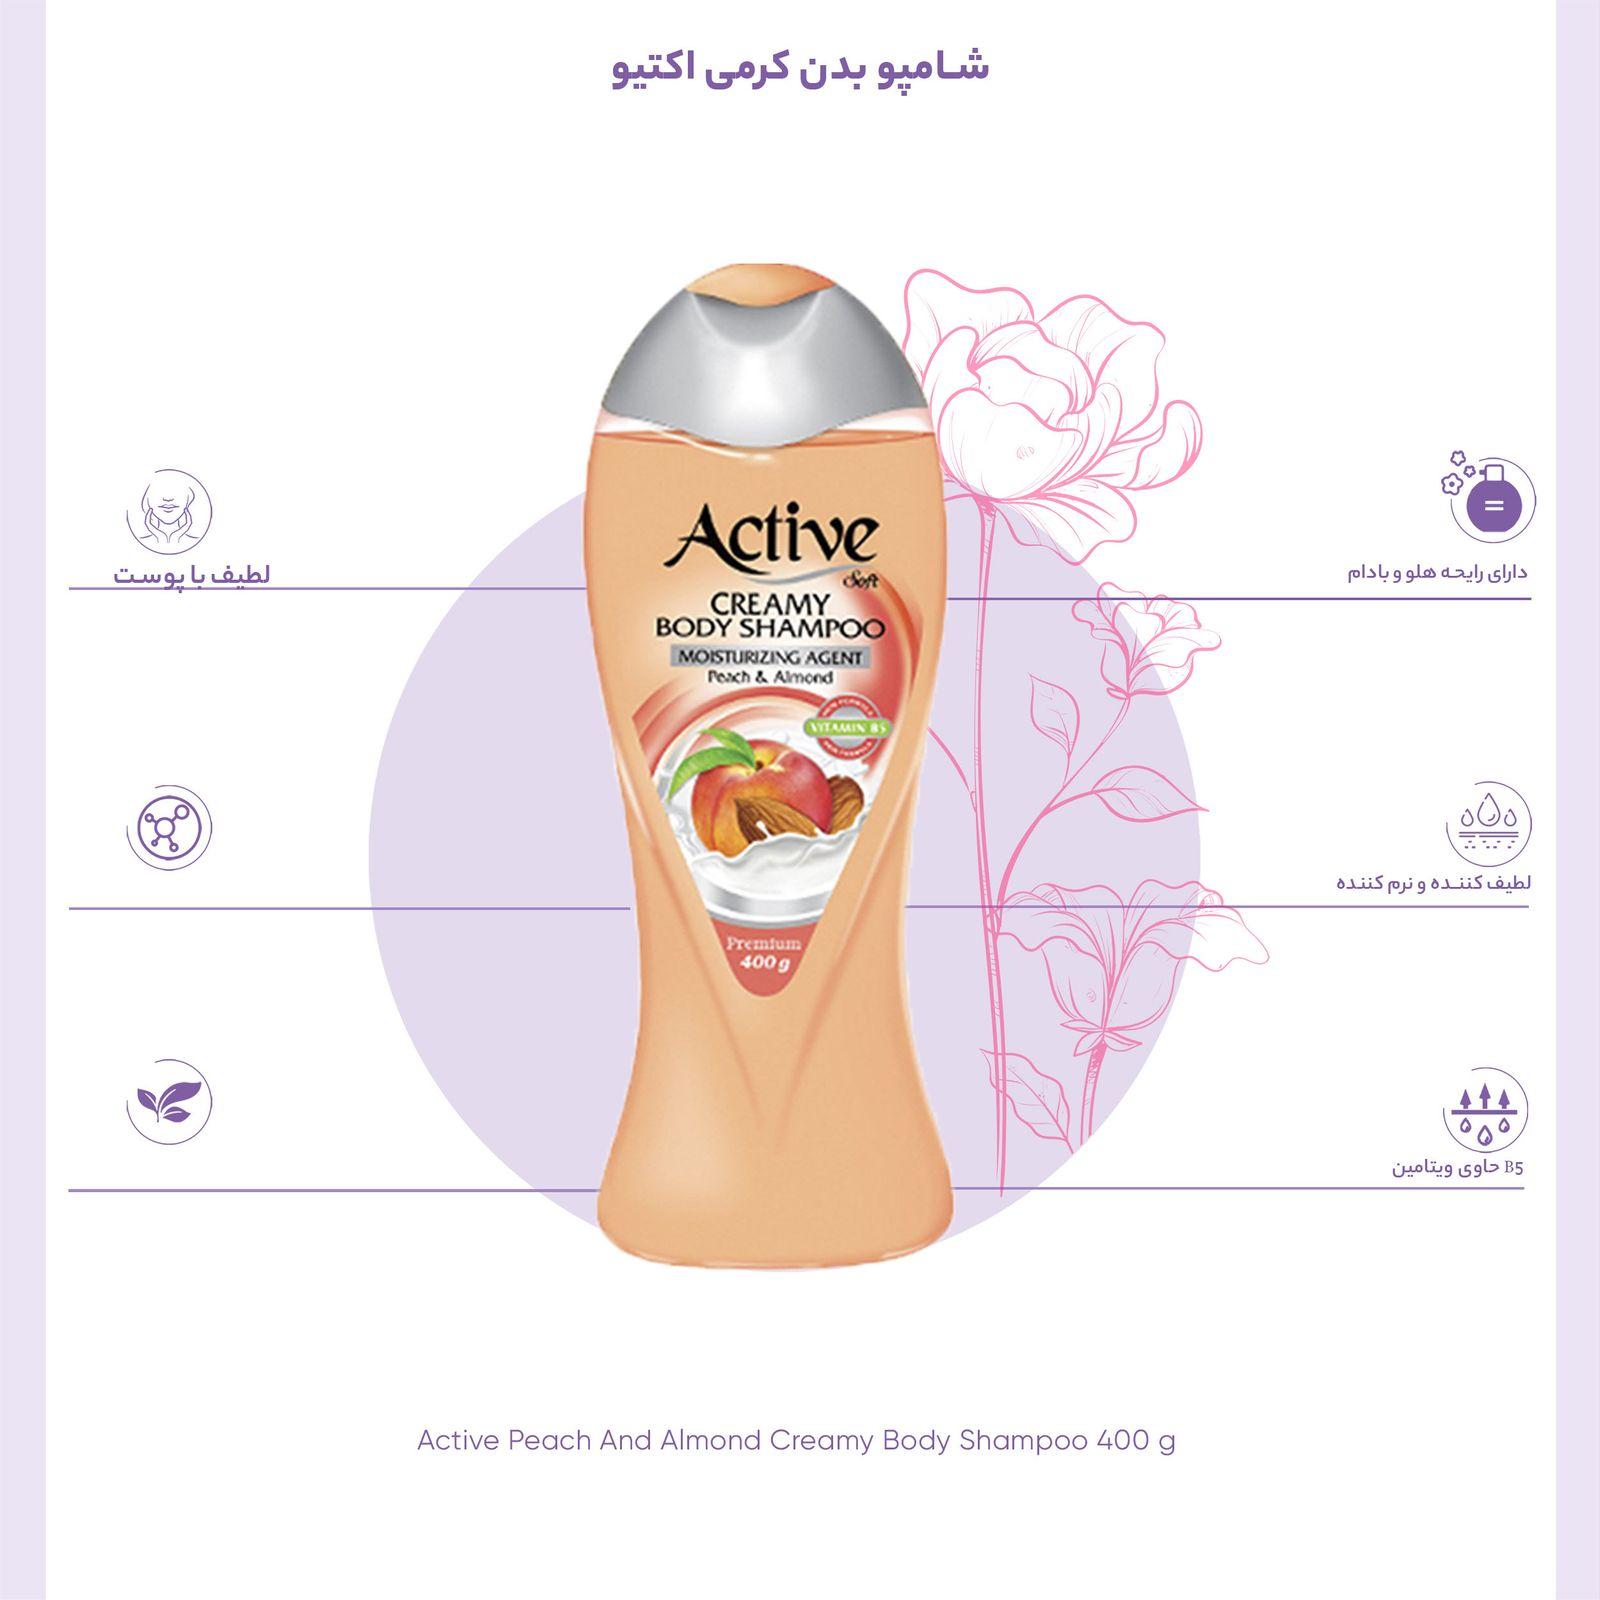 شامپو بدن کرمی اکتیو مدل Peach And Almond مقدار 400 گرم main 1 1